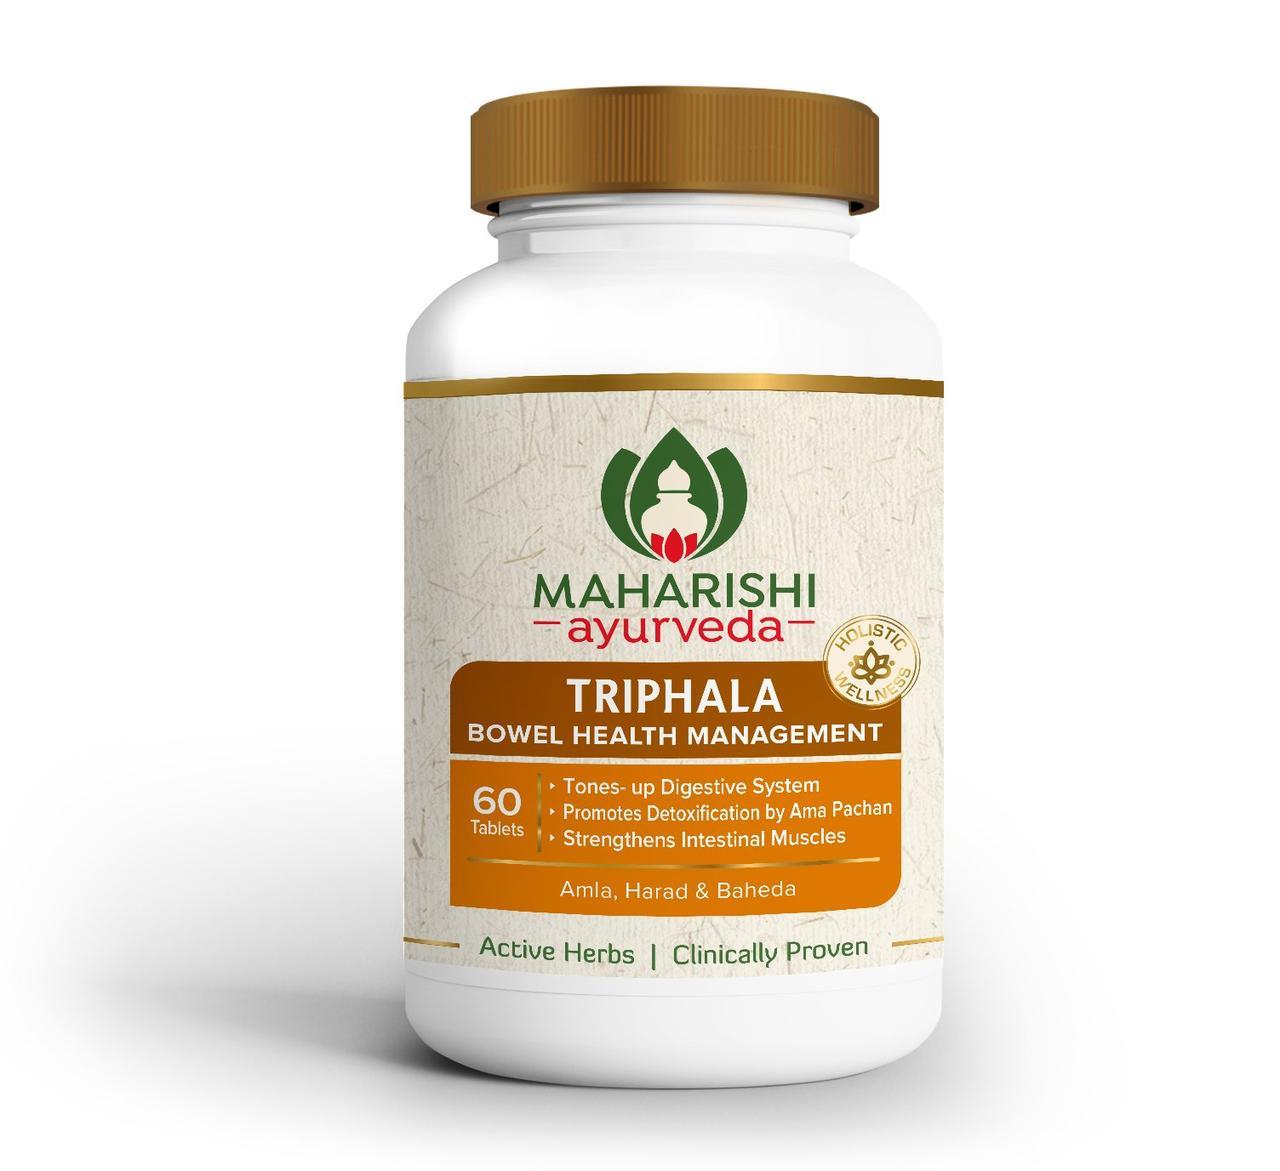 Трифала, Трипхала 60 таб - очищение, омоложение, детоксикация, восстановления пищеварения